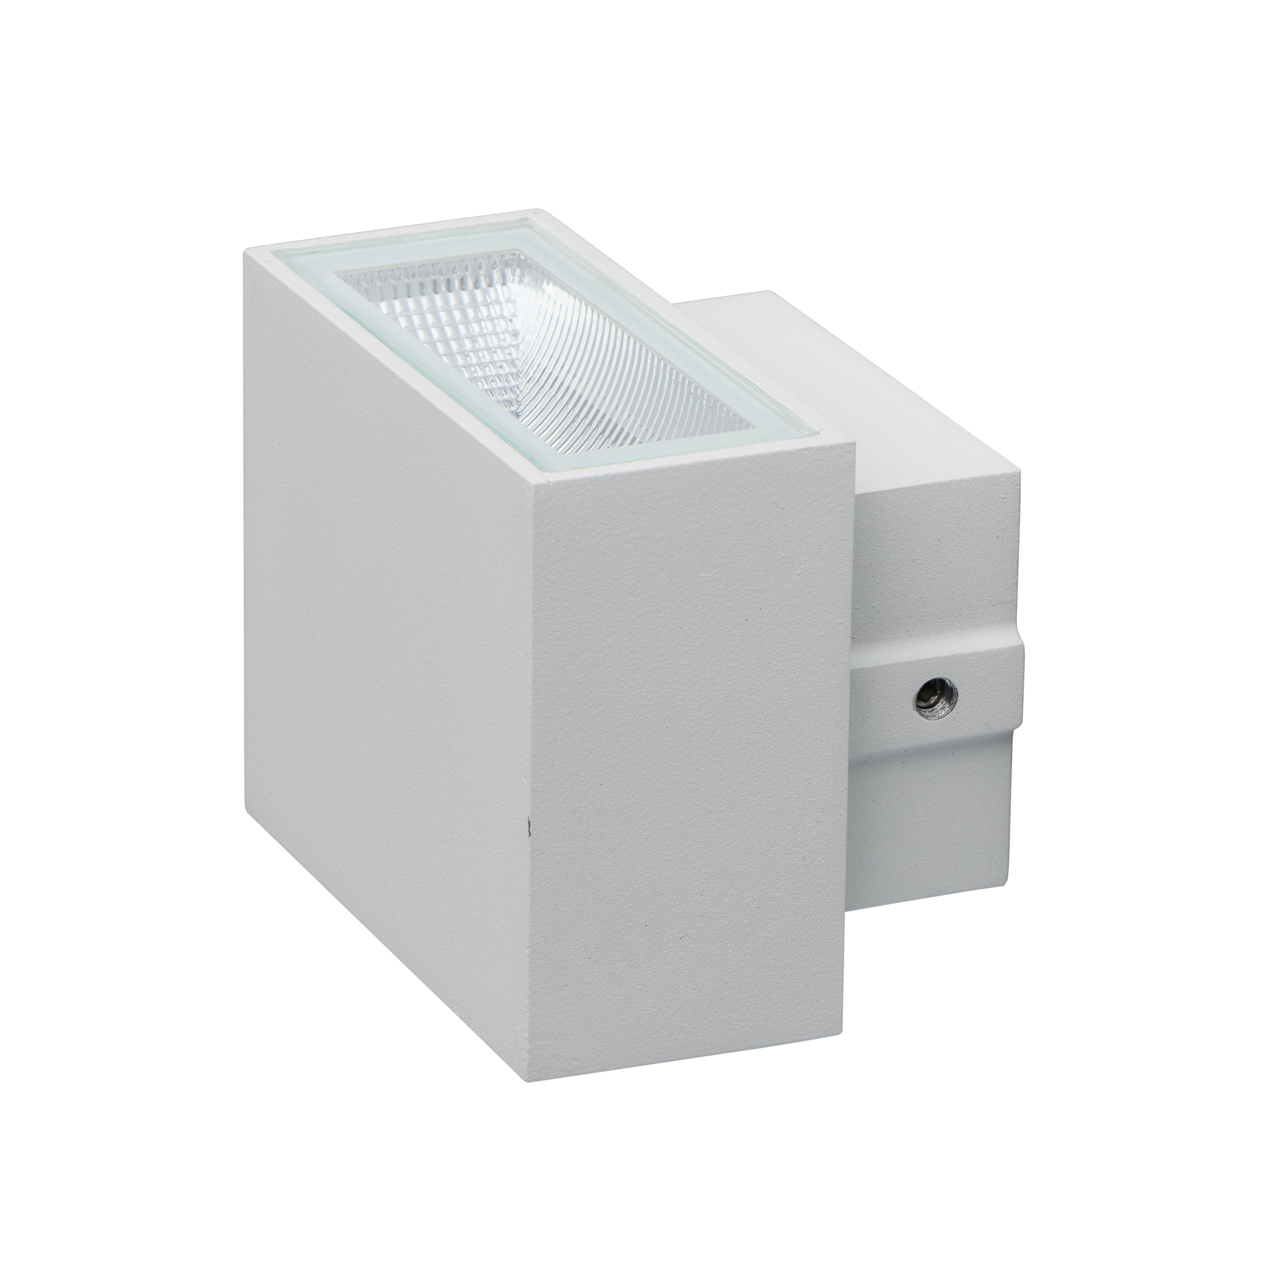 Светильник De markt 807023001 2/4w led ip44 светильник трек de markt 550011605 5 4w led